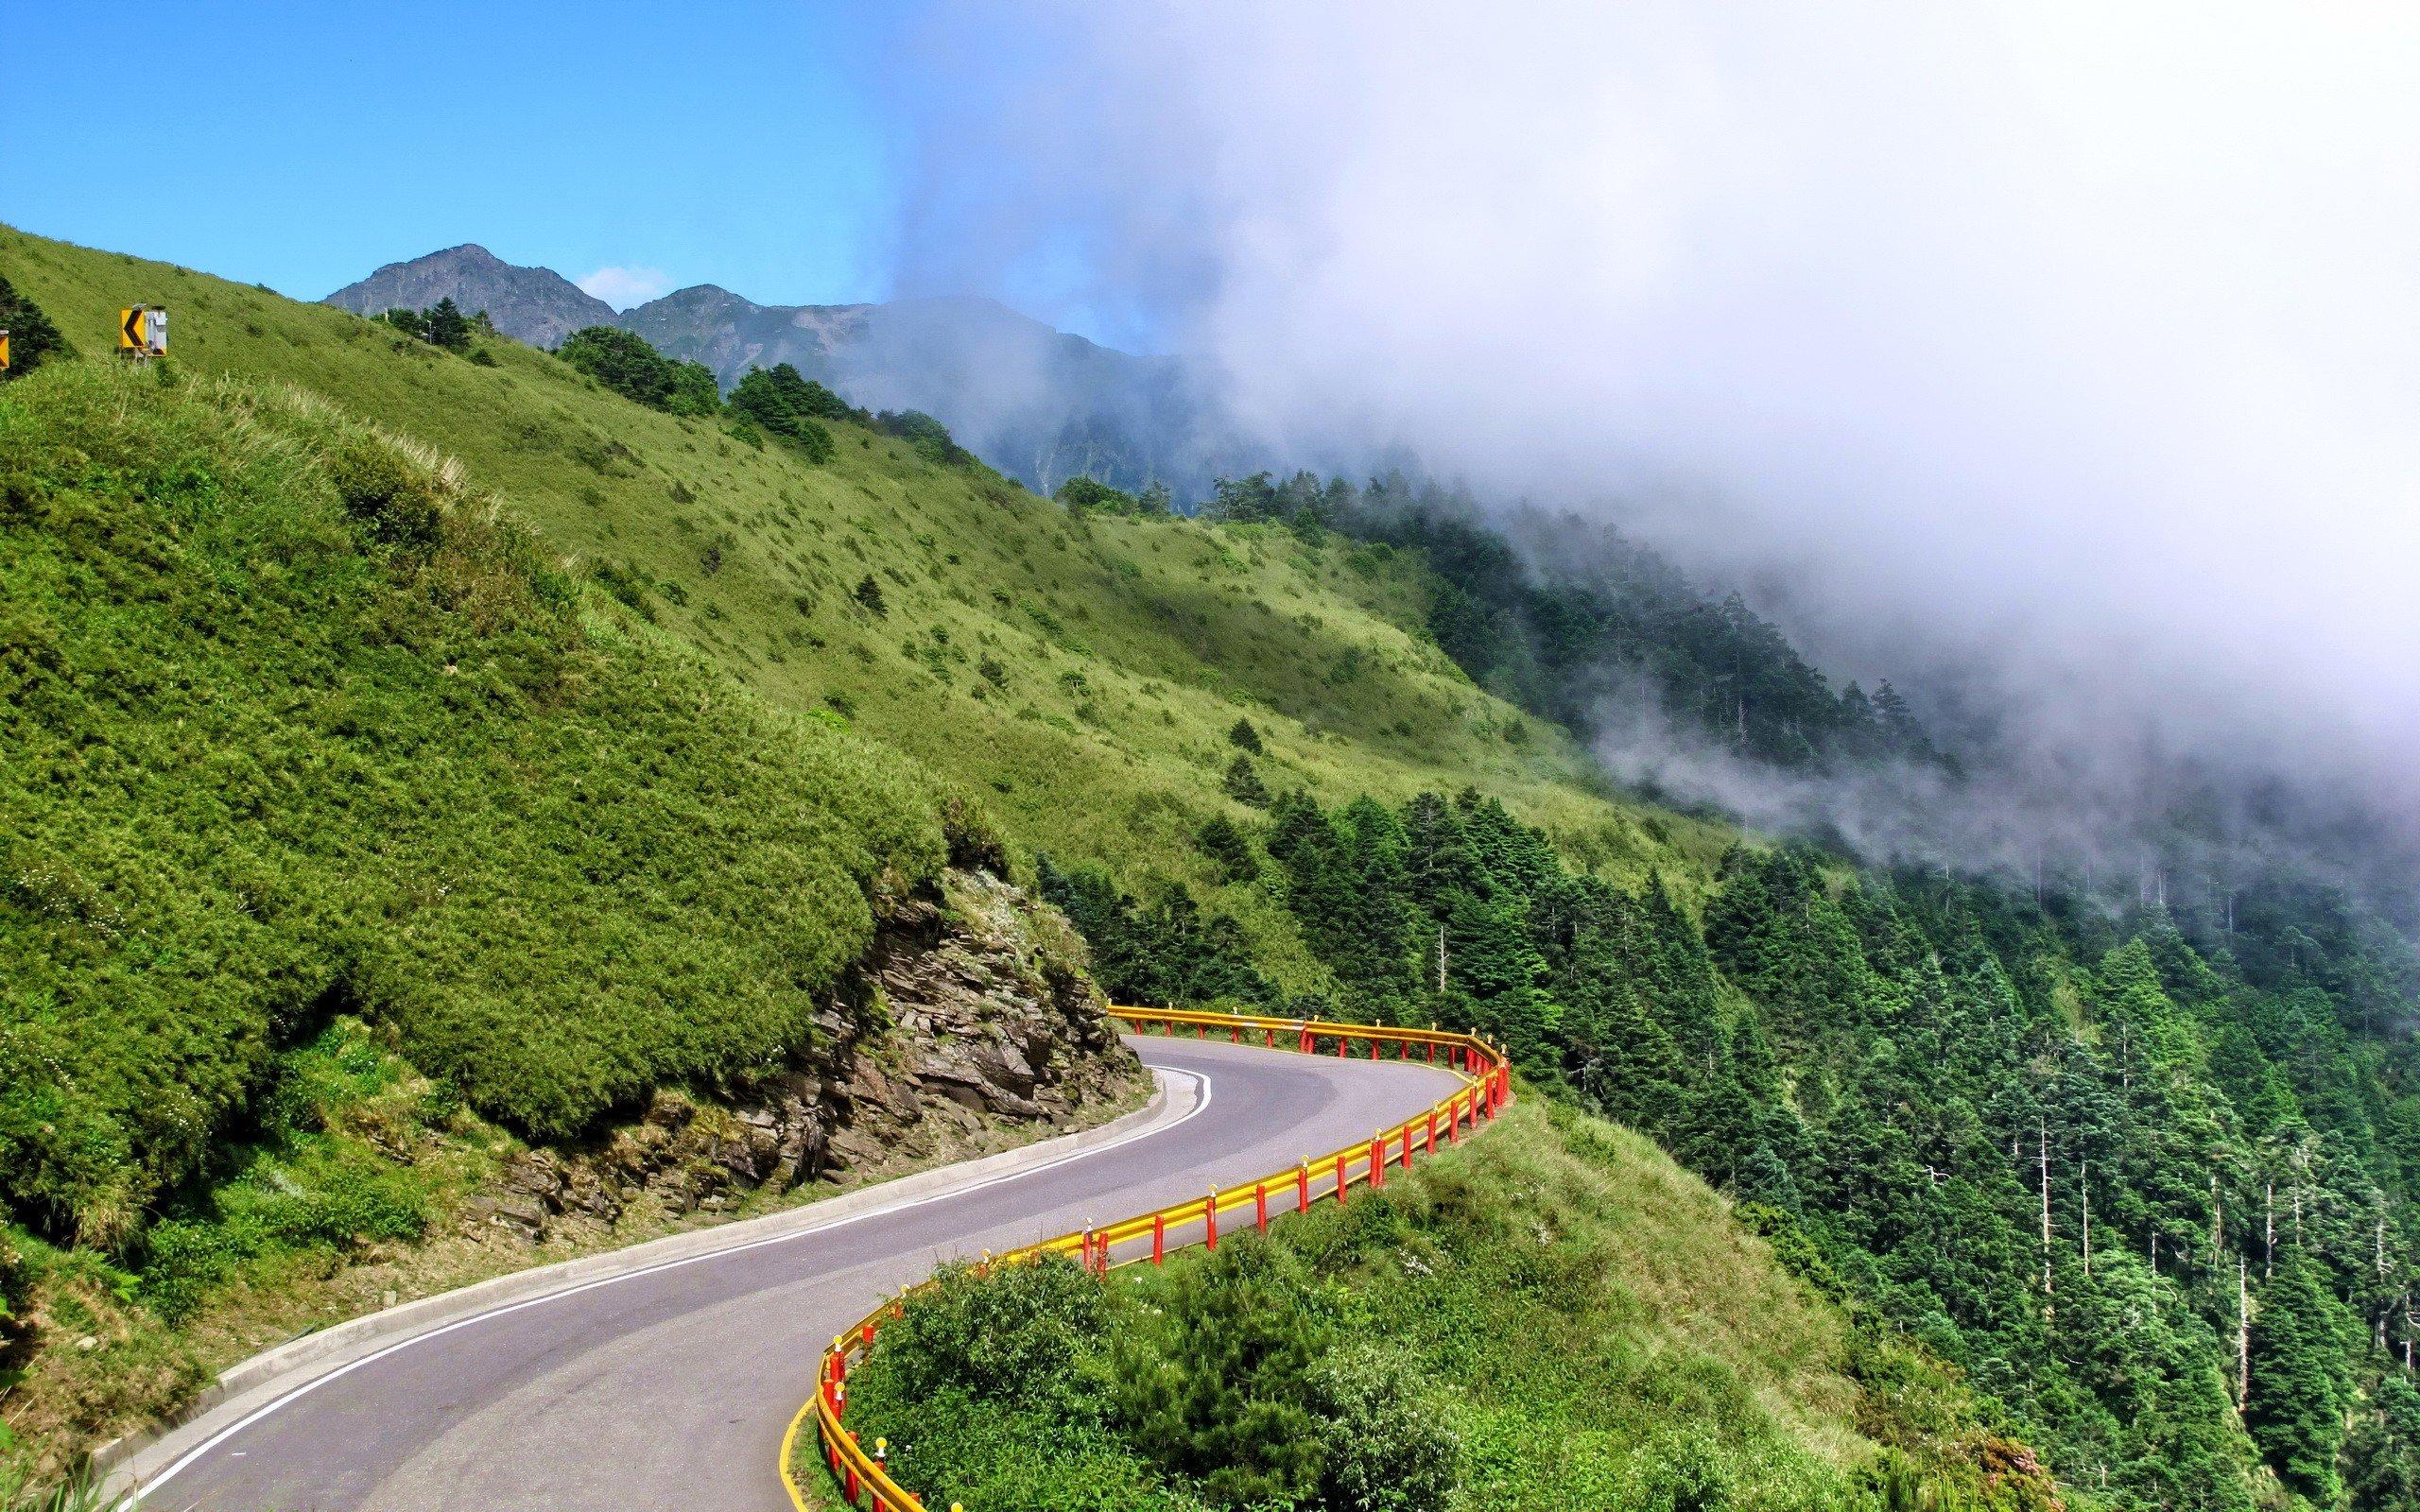 Mountain Nature Landscape Cloud Wallpaper 2560x1600